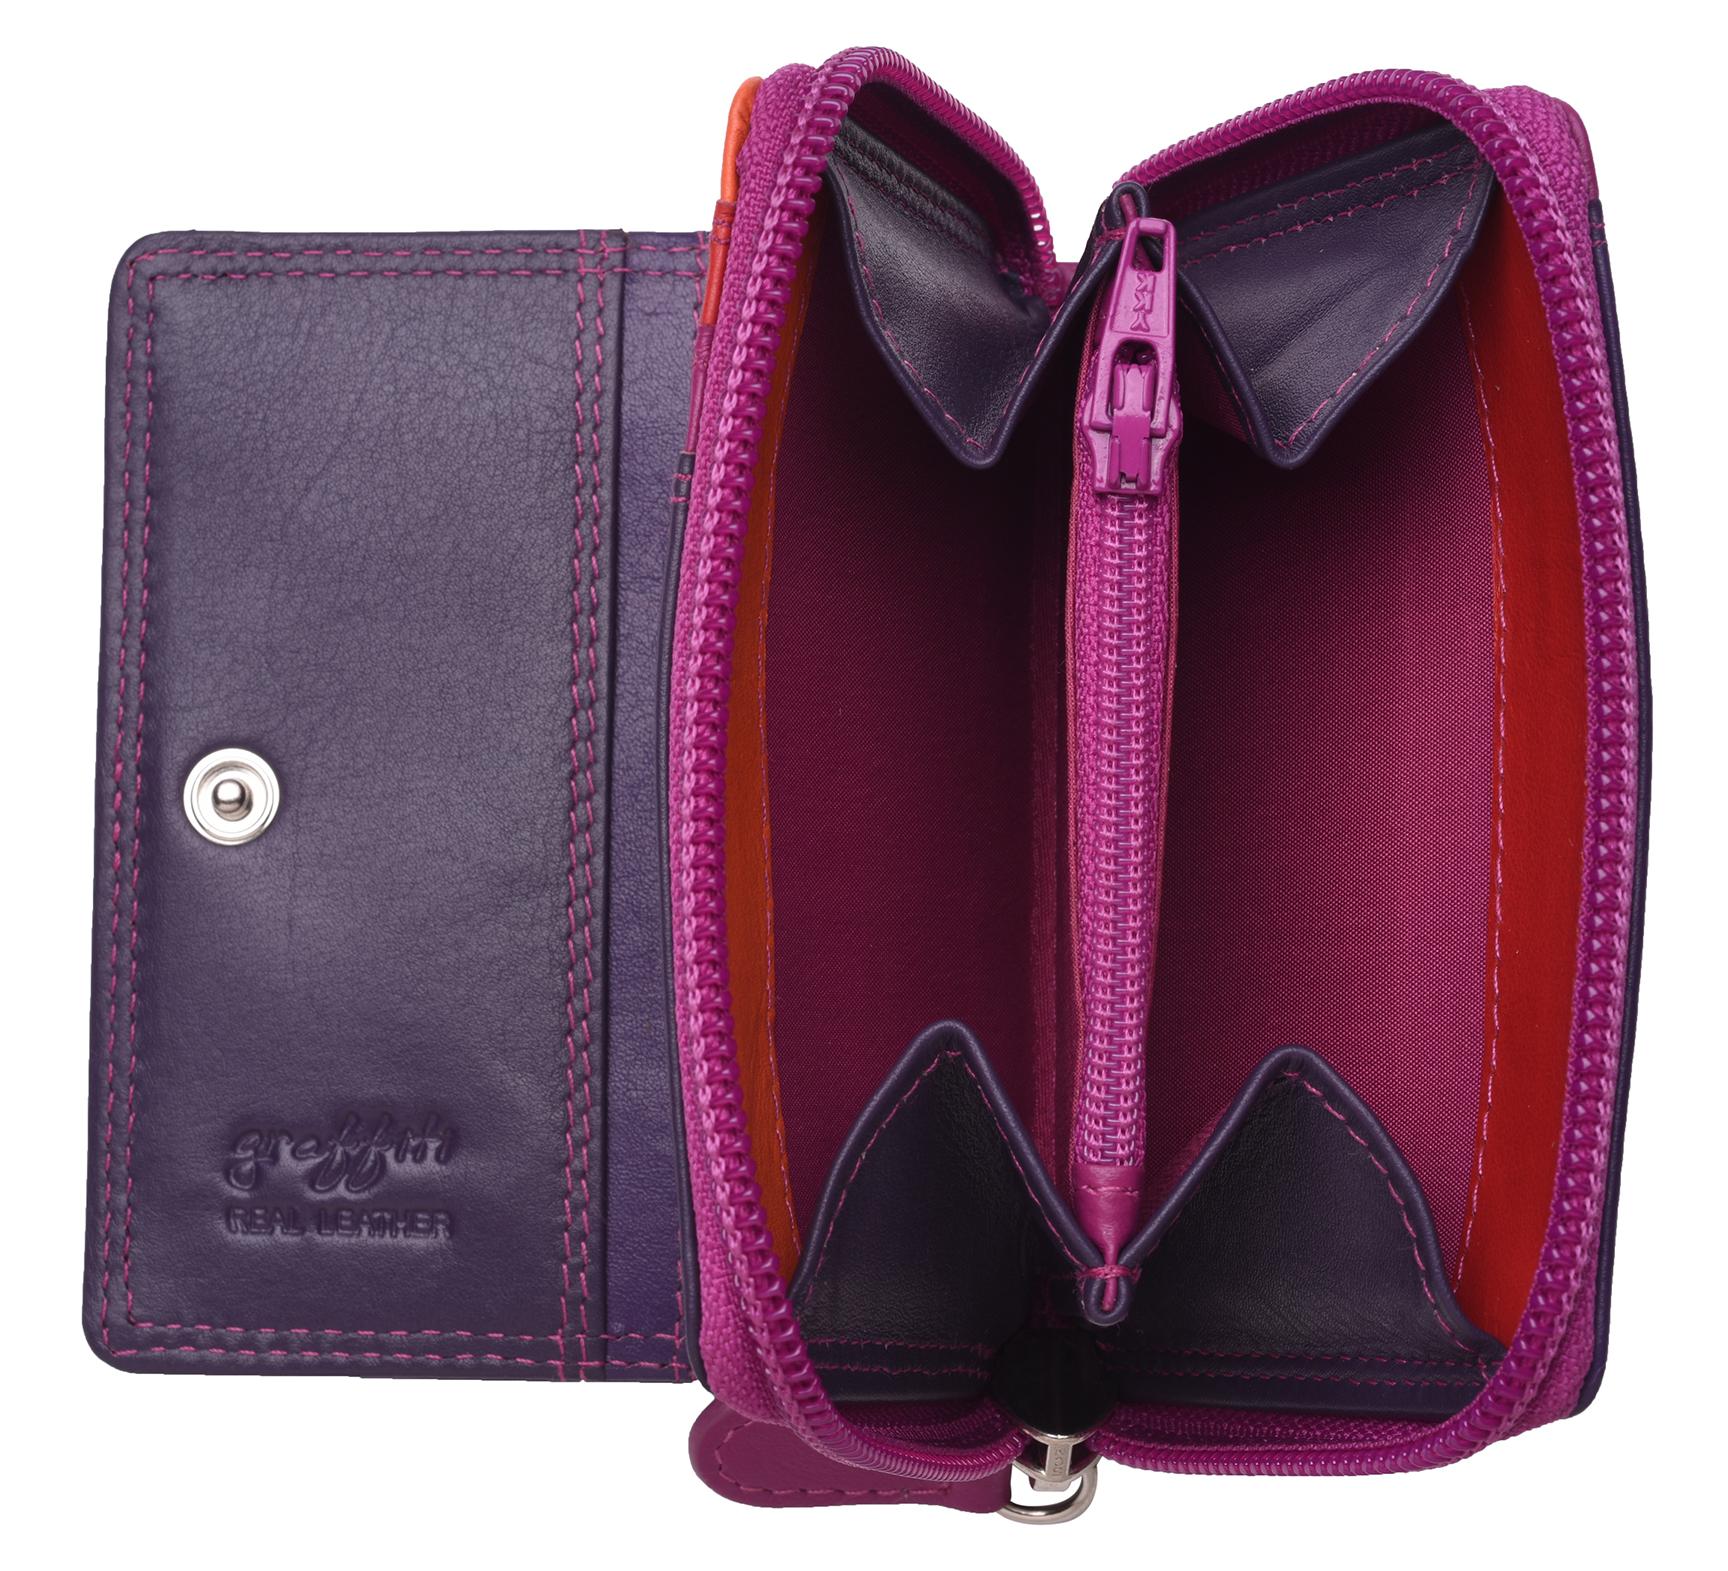 Femme-Femmes-RFID-Bloquant-en-Cuir-Veritable-Petit-Sac-a-main-portefeuille-vert-rose-rouge miniature 19